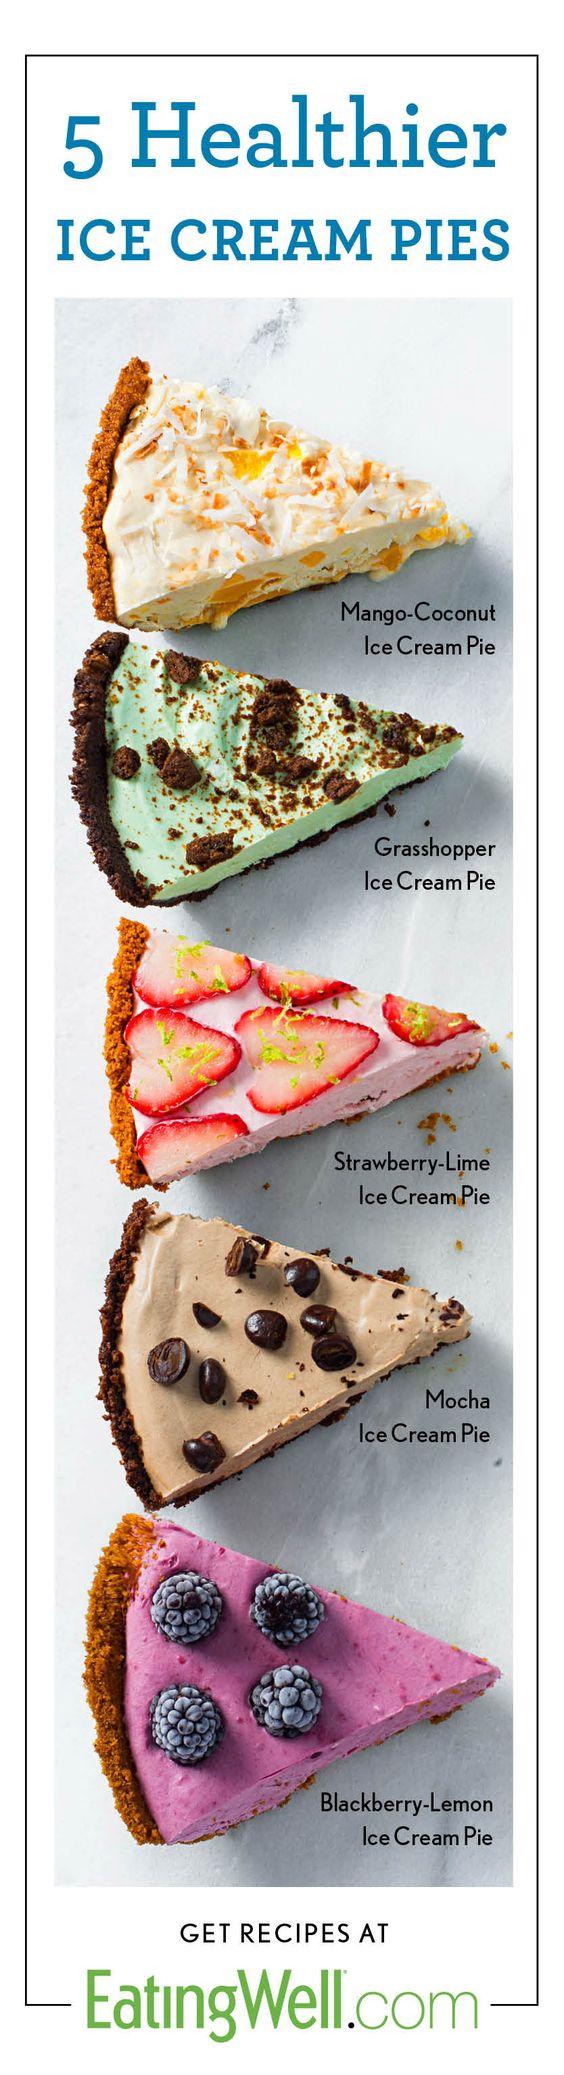 Homemade Ice Cream Pies using greek yogurt and fruit: